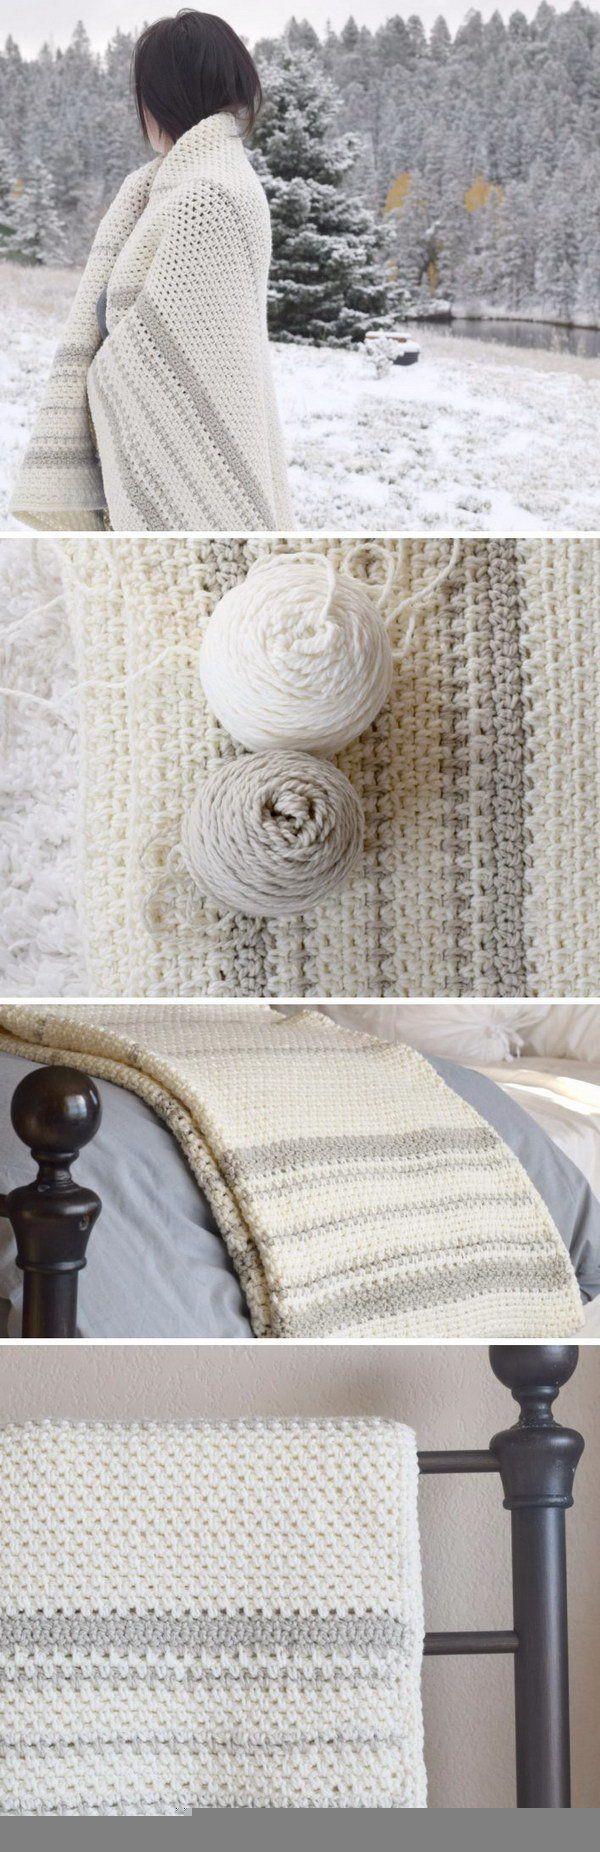 Mejores 276 imágenes de crochet en Pinterest